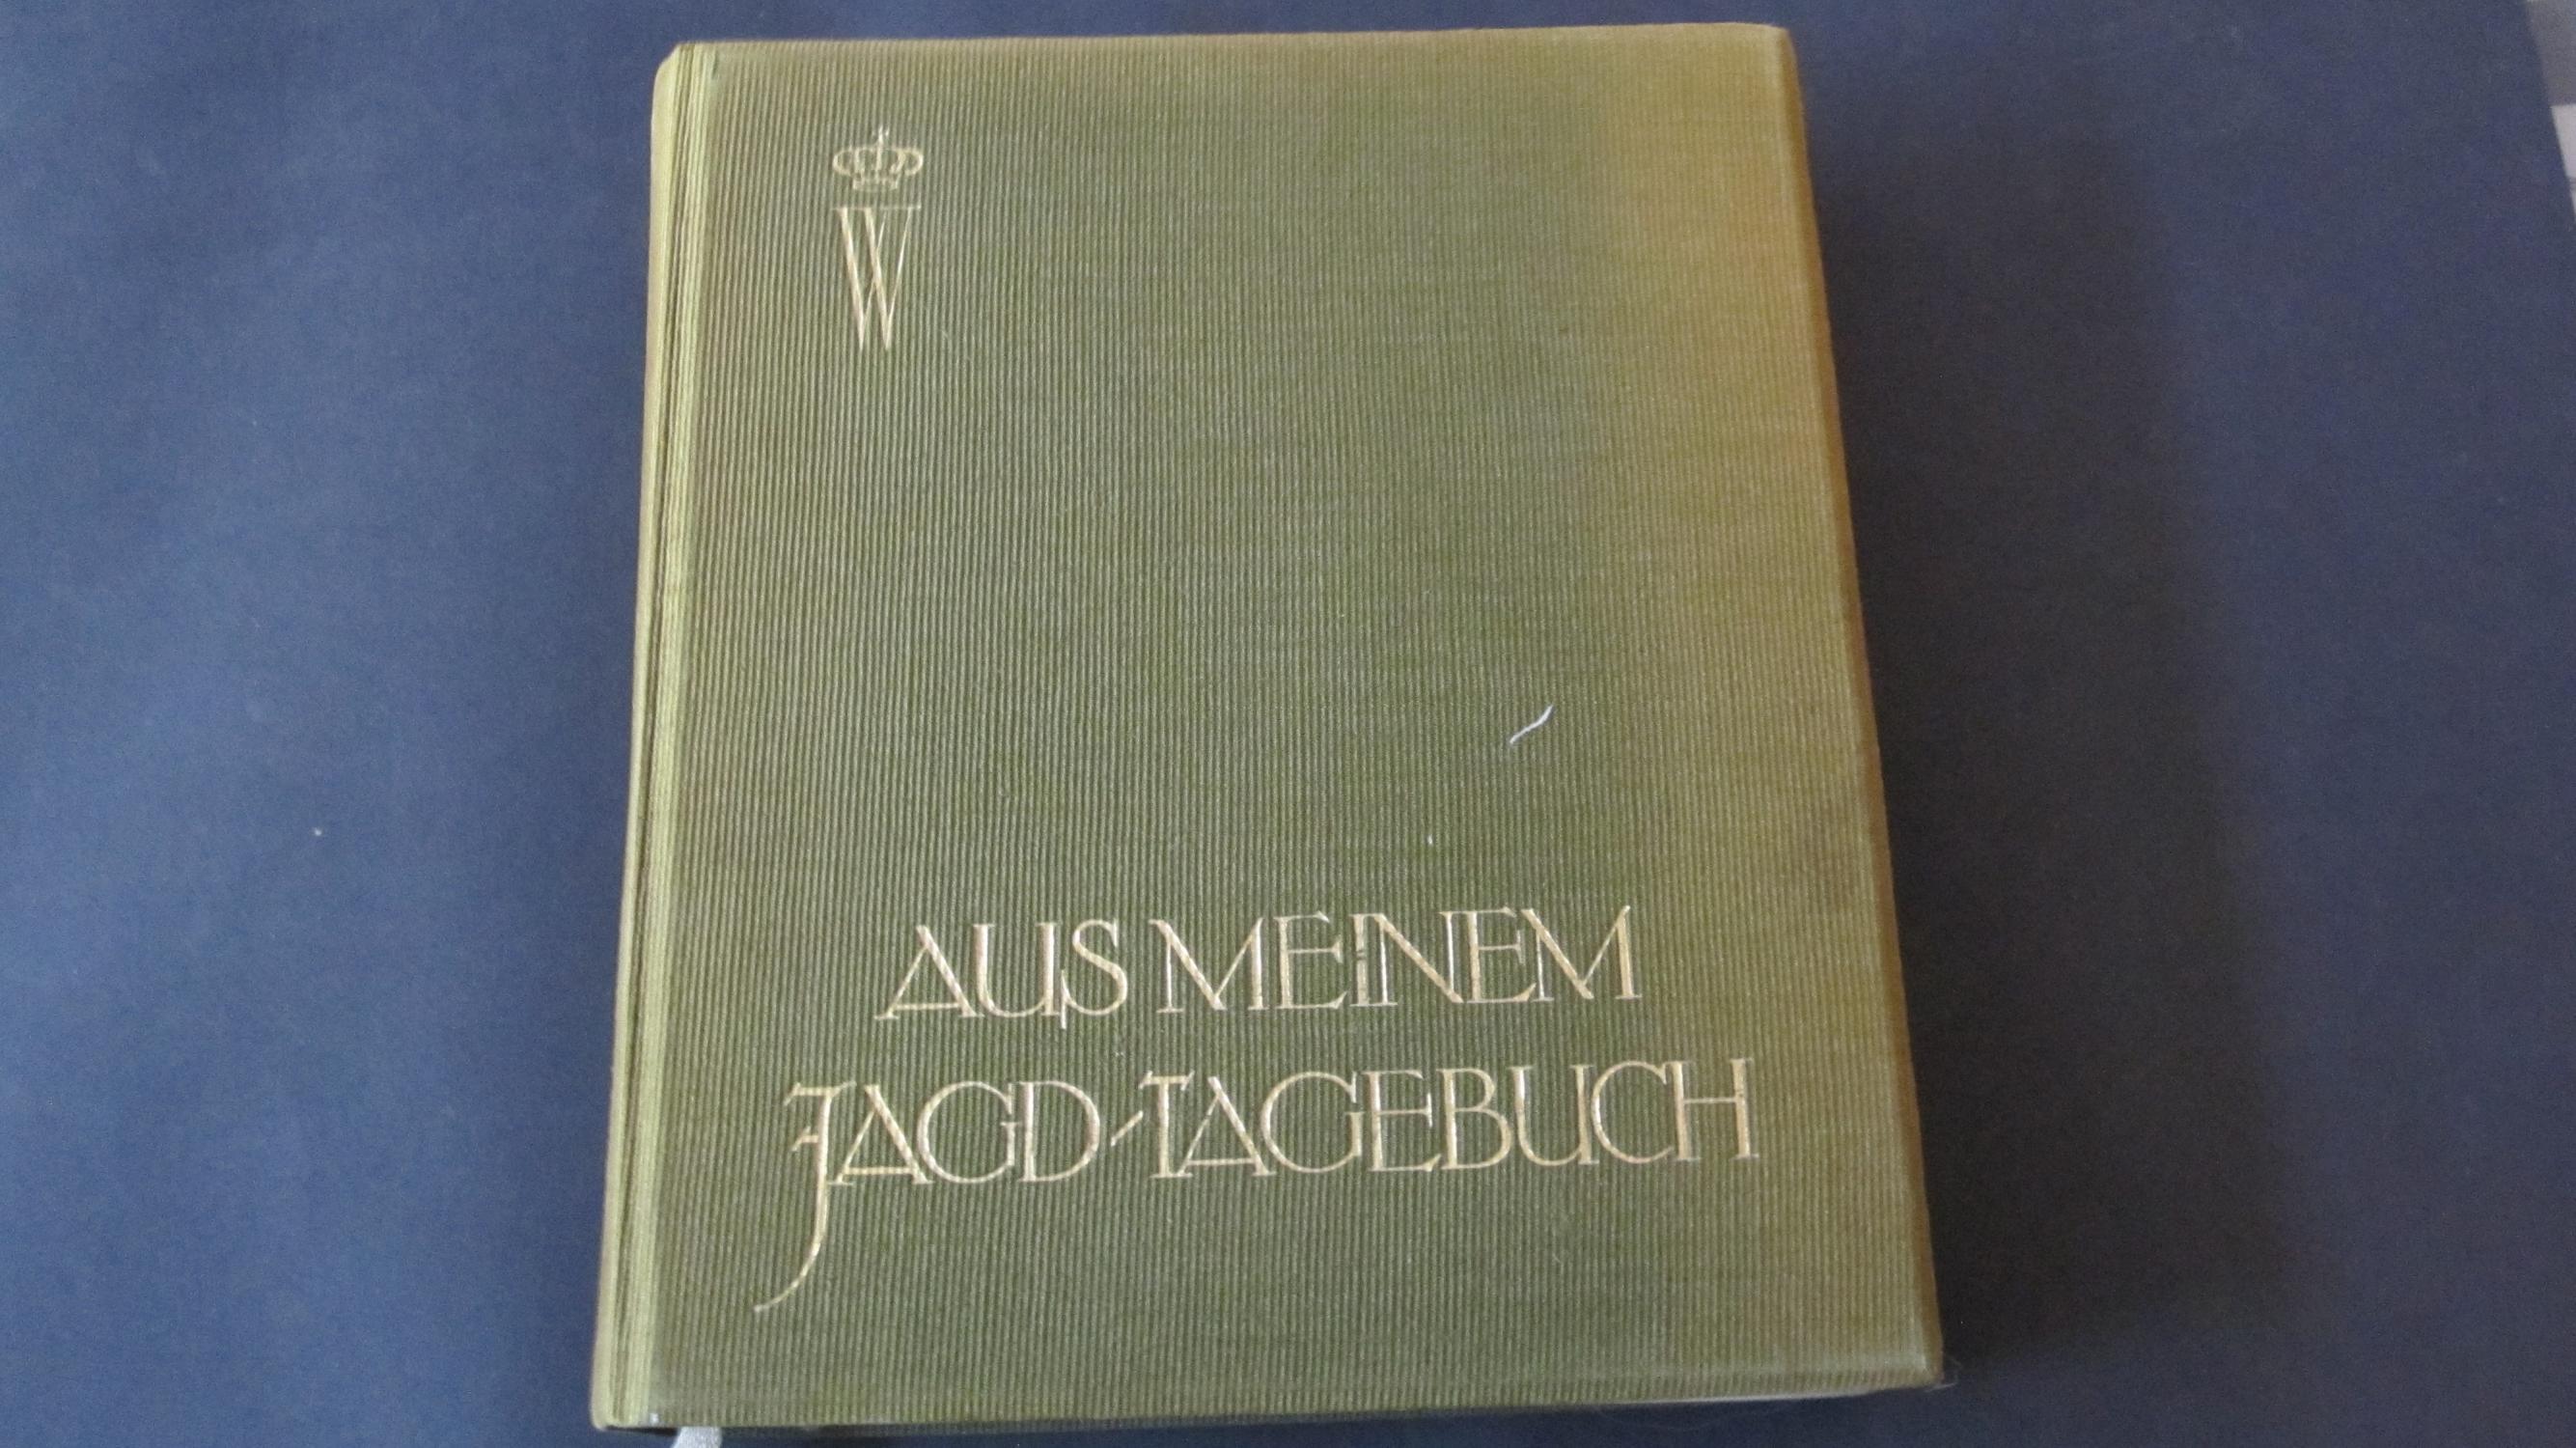 Deutsche Verlagsanstalt aus meinem jagdtagebuch kronprinz wilhelm preußen deutsche